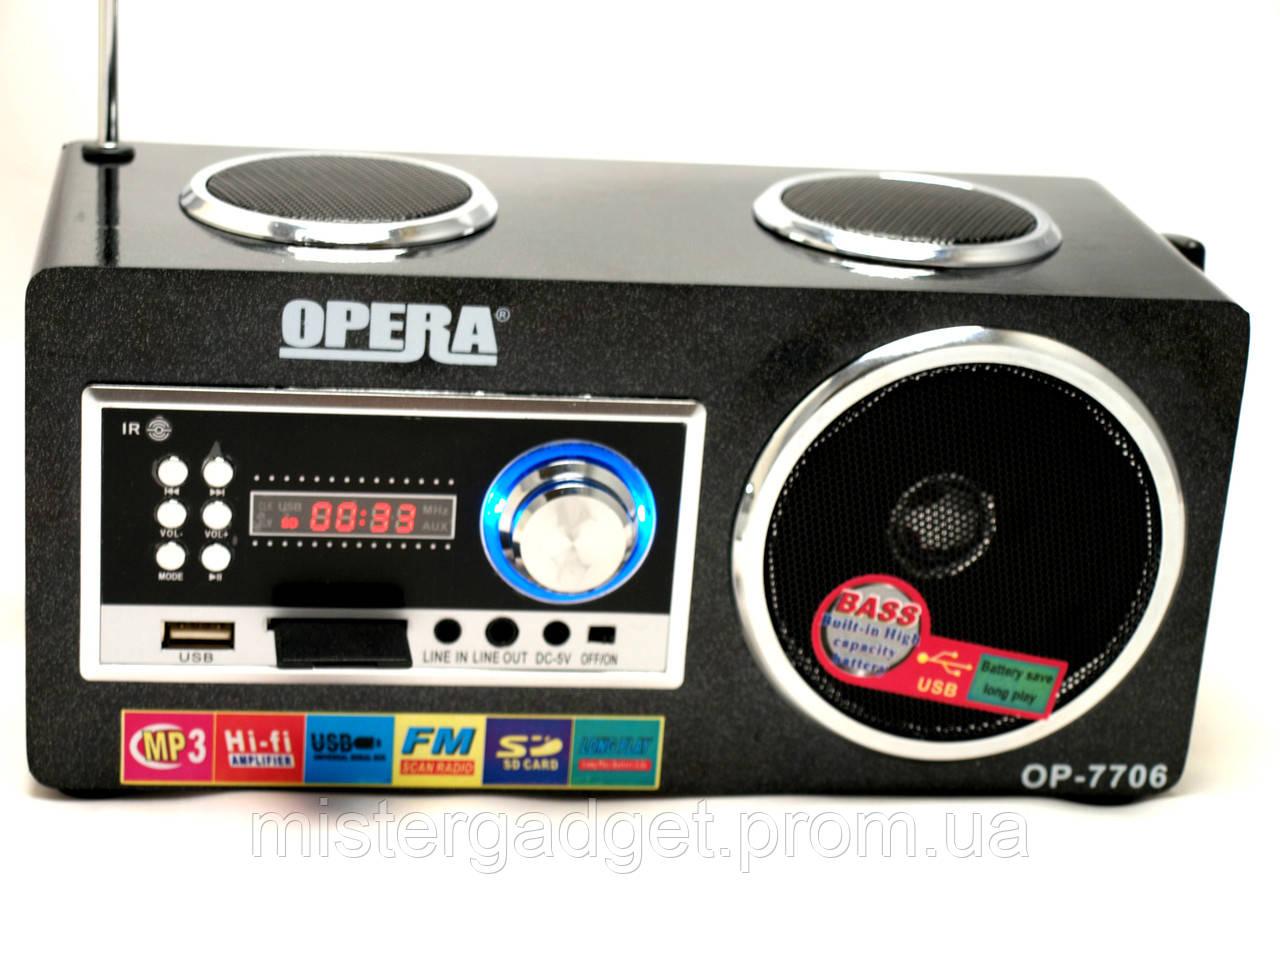 Портативная Колонка OPERA 7706 Опера